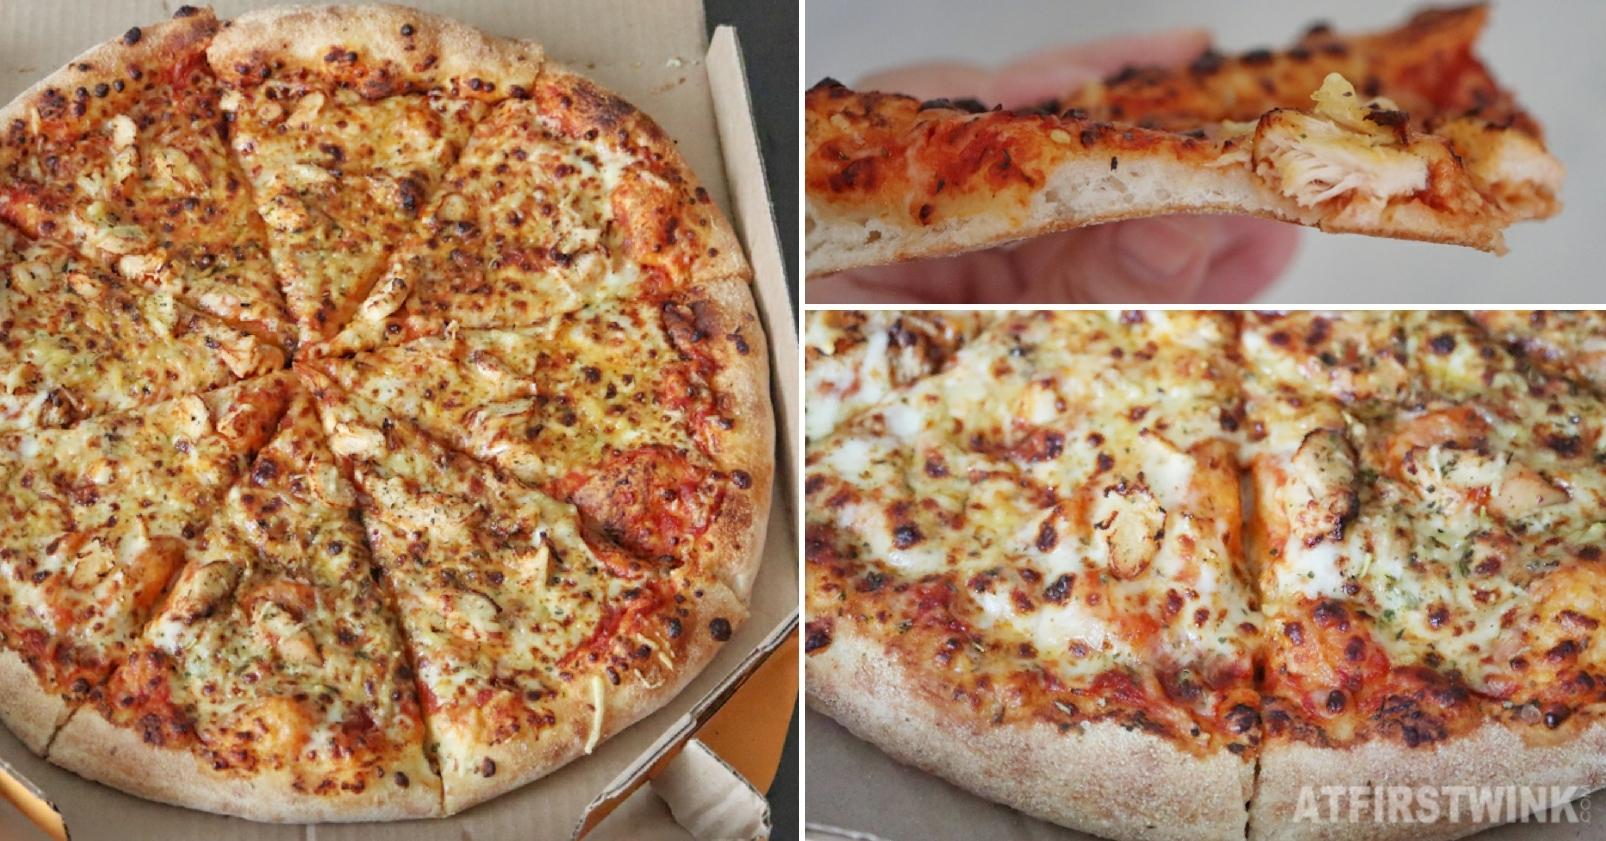 Domino's pizza California chicken alfredo